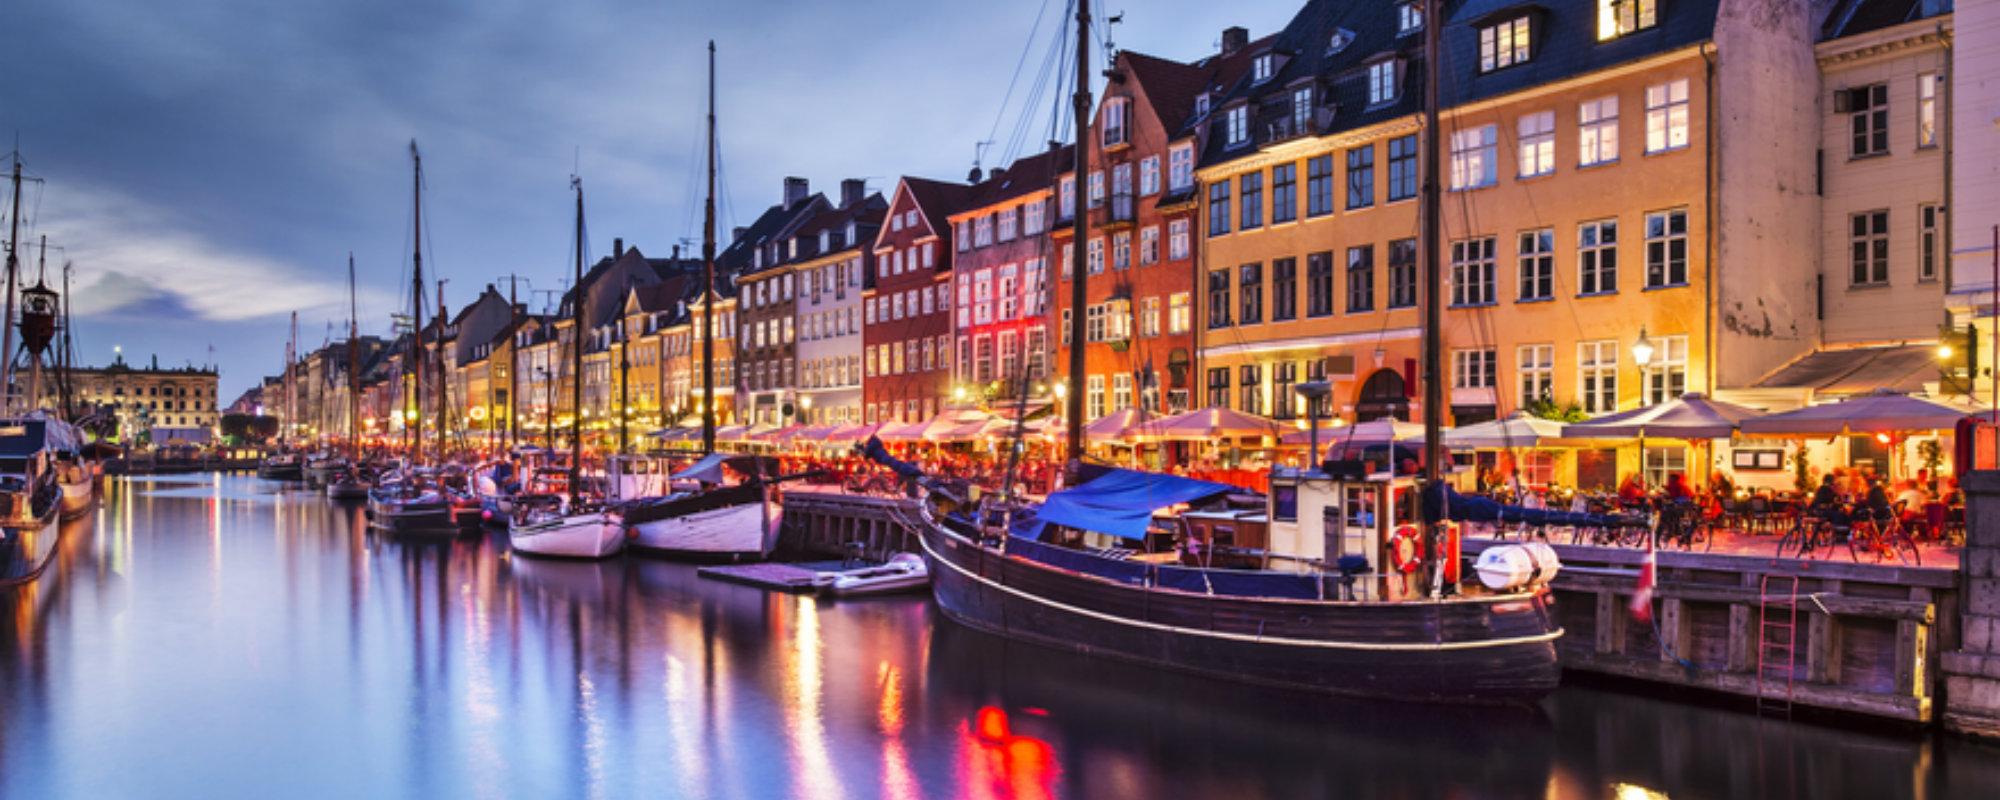 Tendencias para viajar: Los mejores destinos para 2019 tendencias para viajar Tendencias para viajar: Los mejores destinos para 2019 Featured